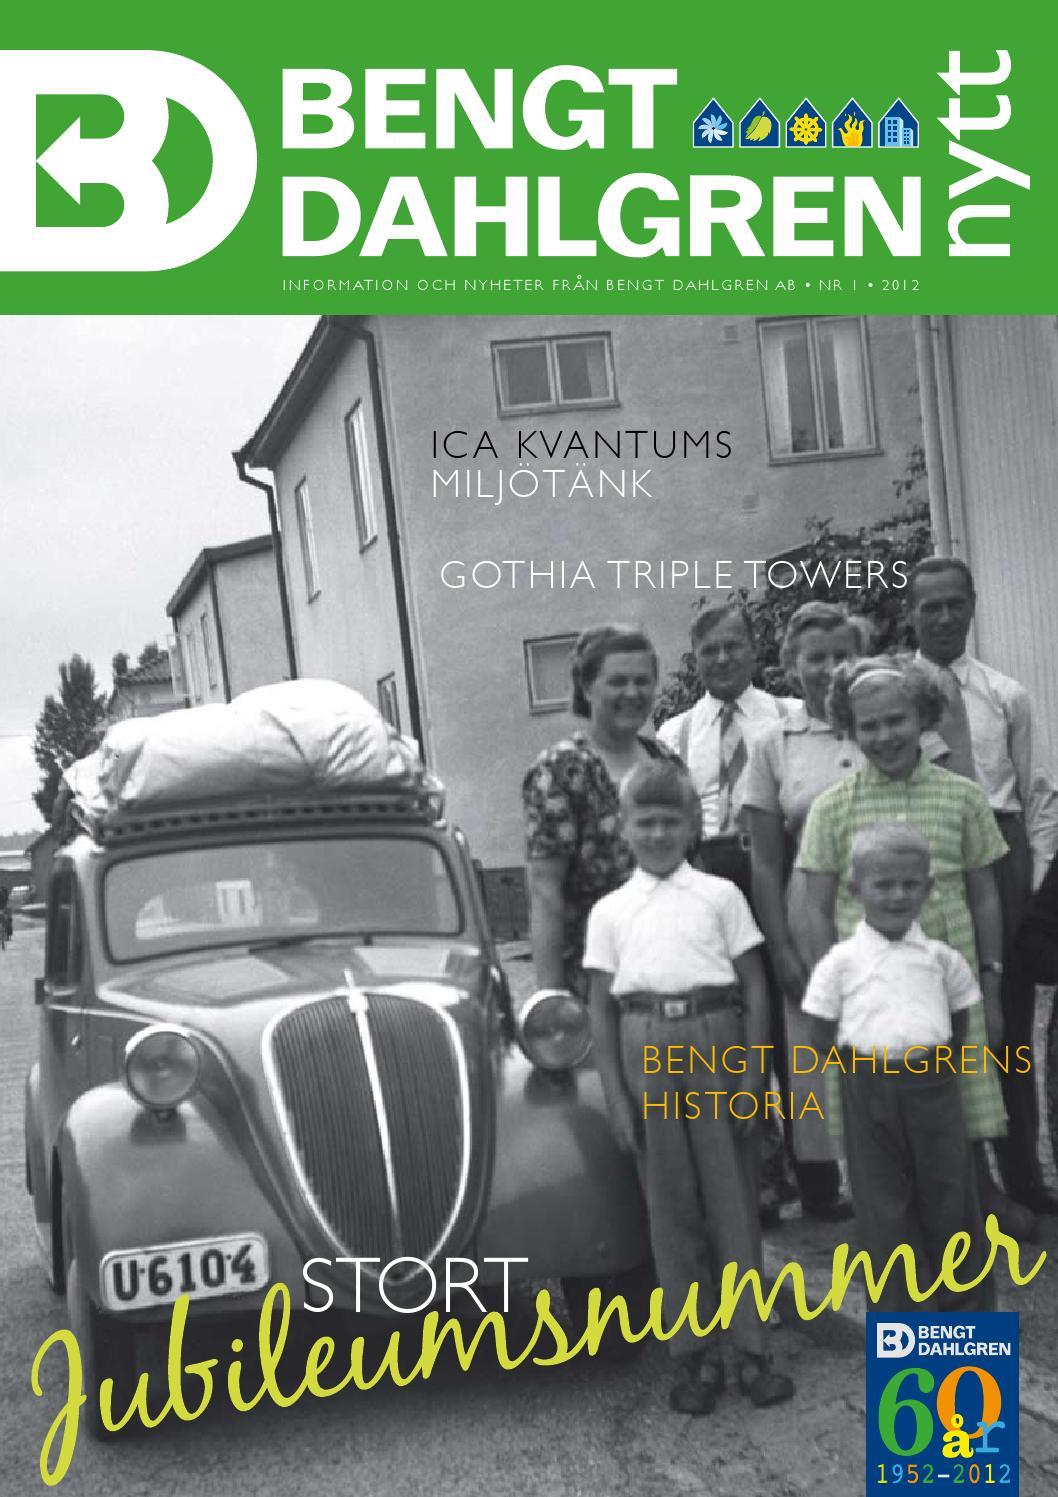 Bengt dahlgren nytt 1   2014 by bengt dahlgren ab   issuu